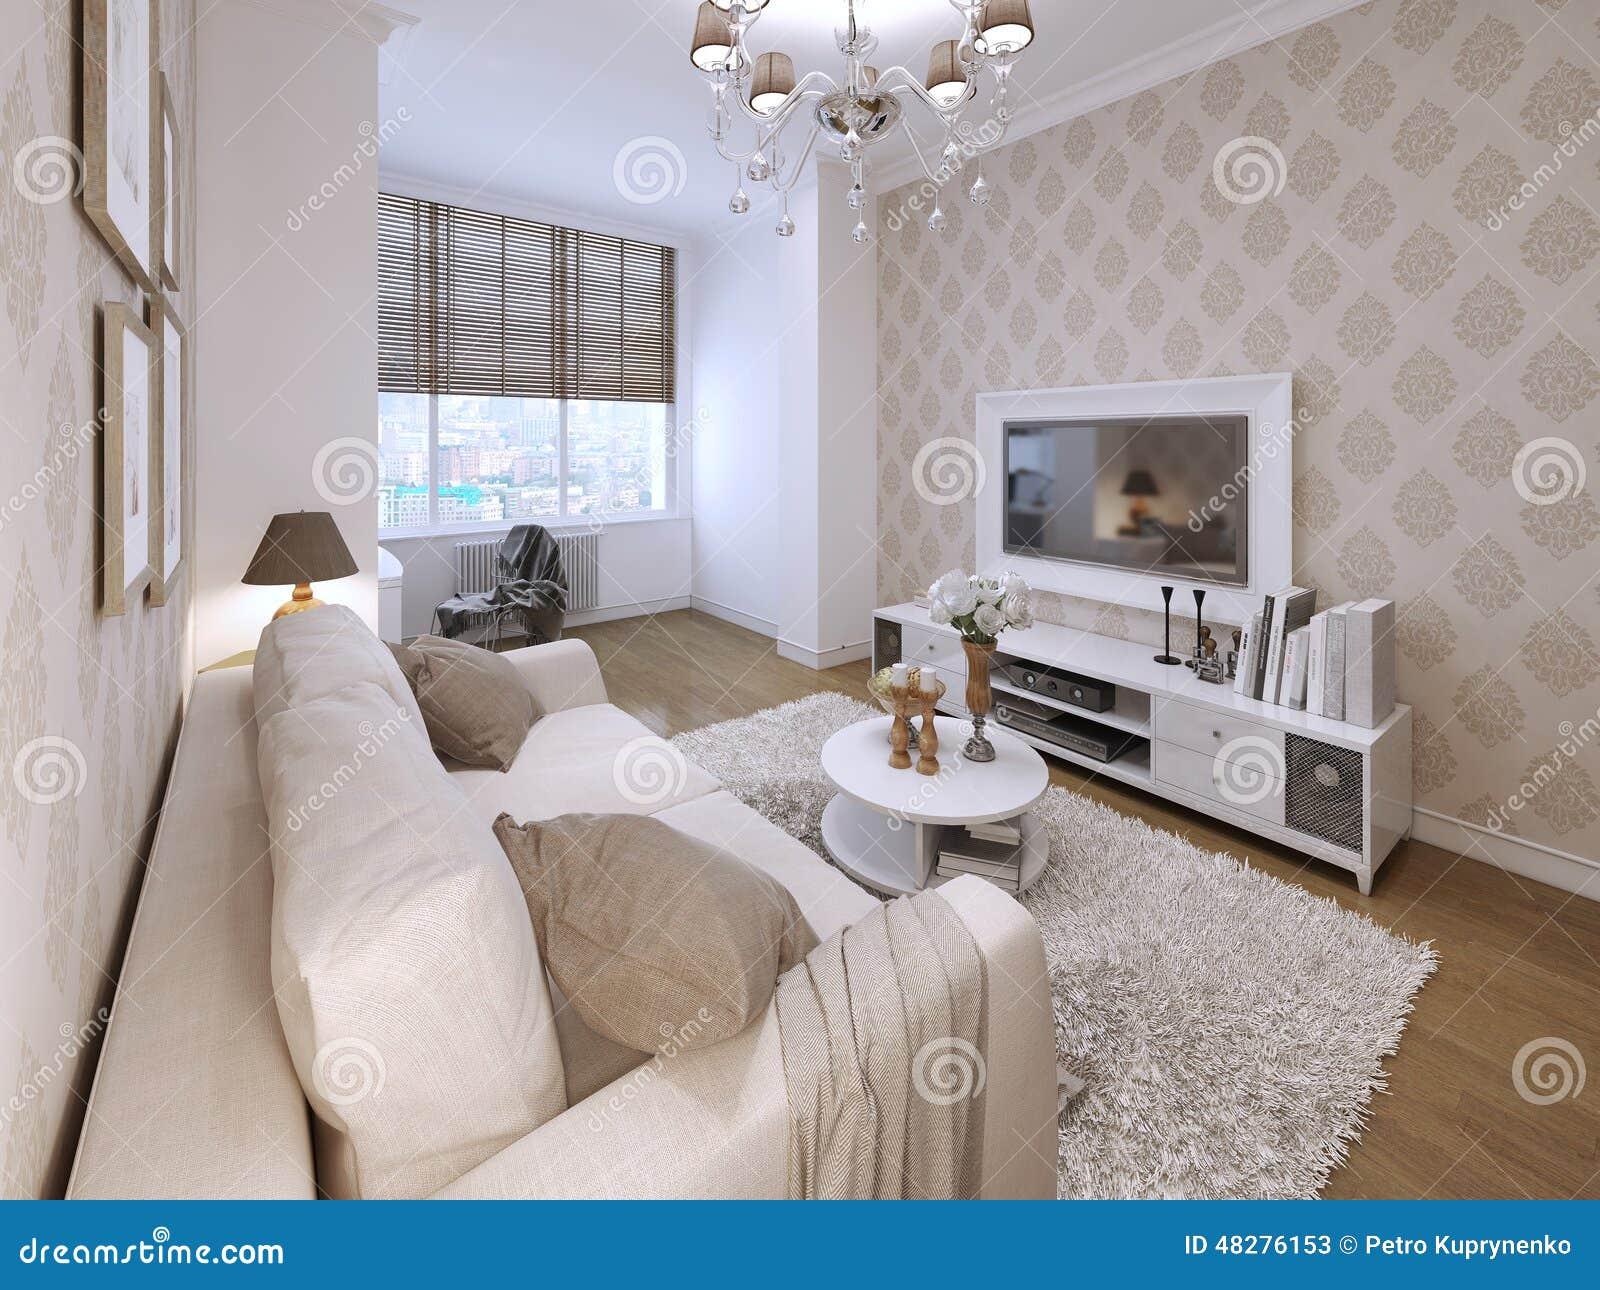 Estilo moderno del cuarto de invitados stock de - Habitacion de invitados ...